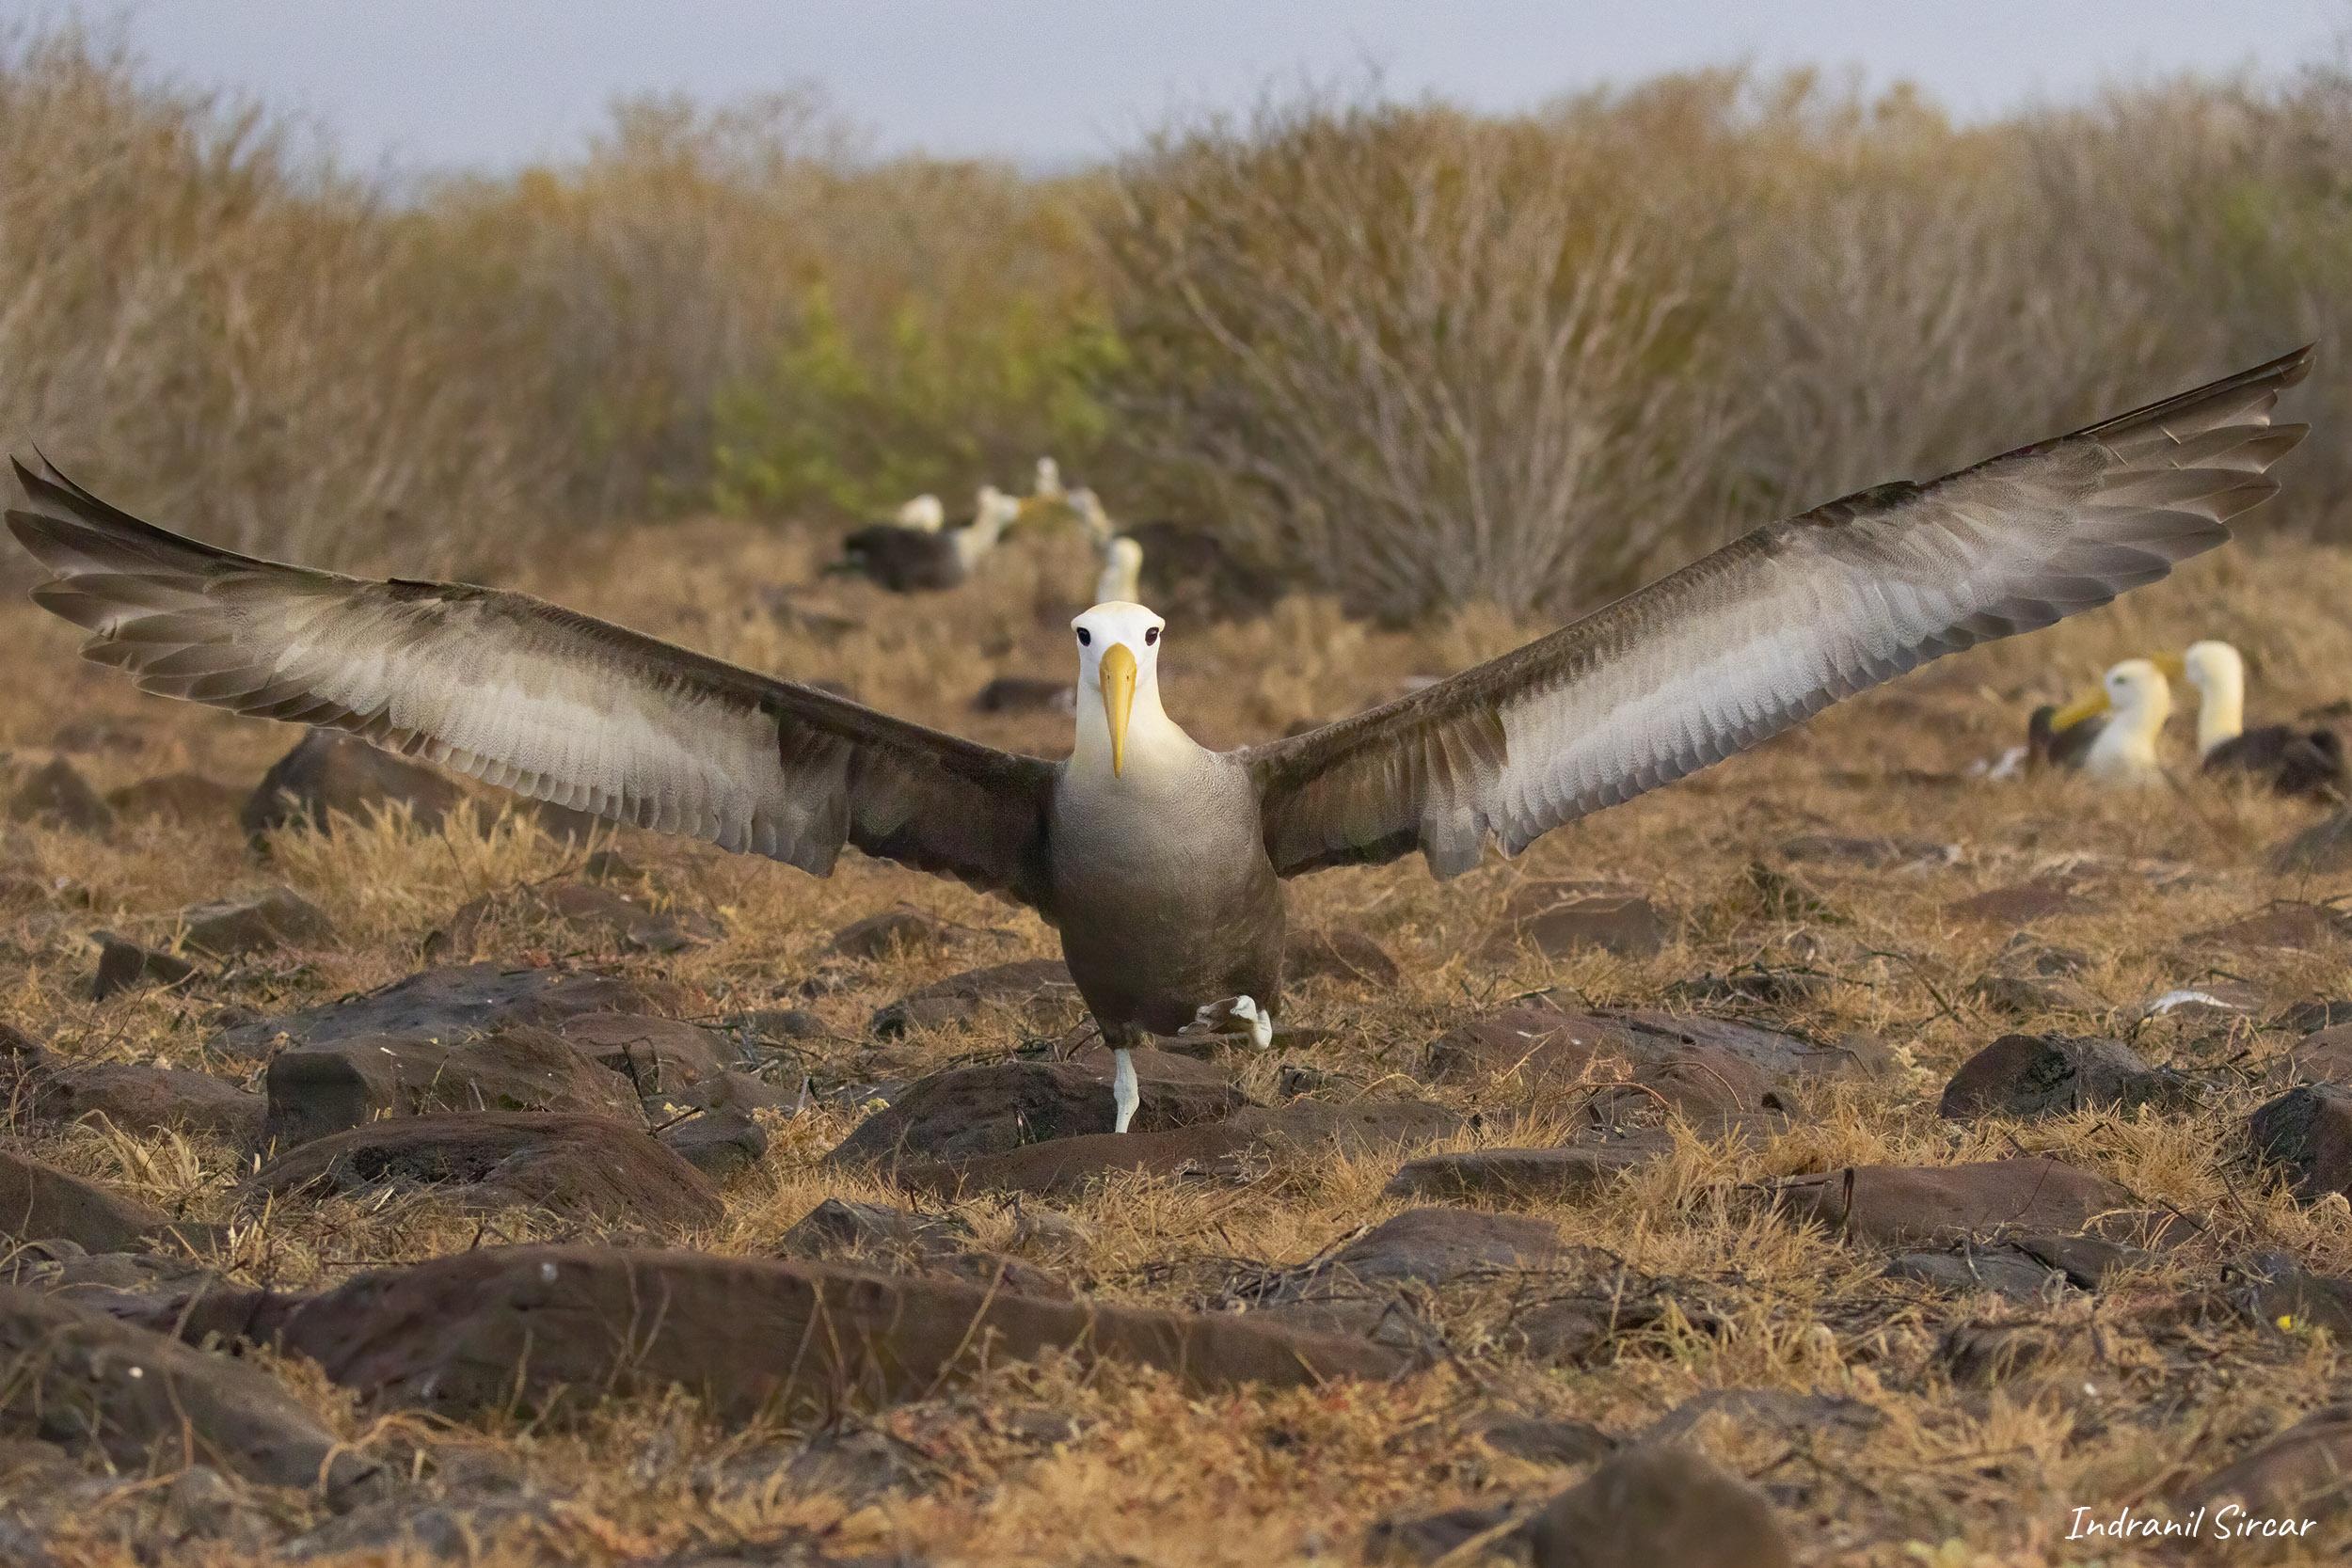 Waved Albatross take-off